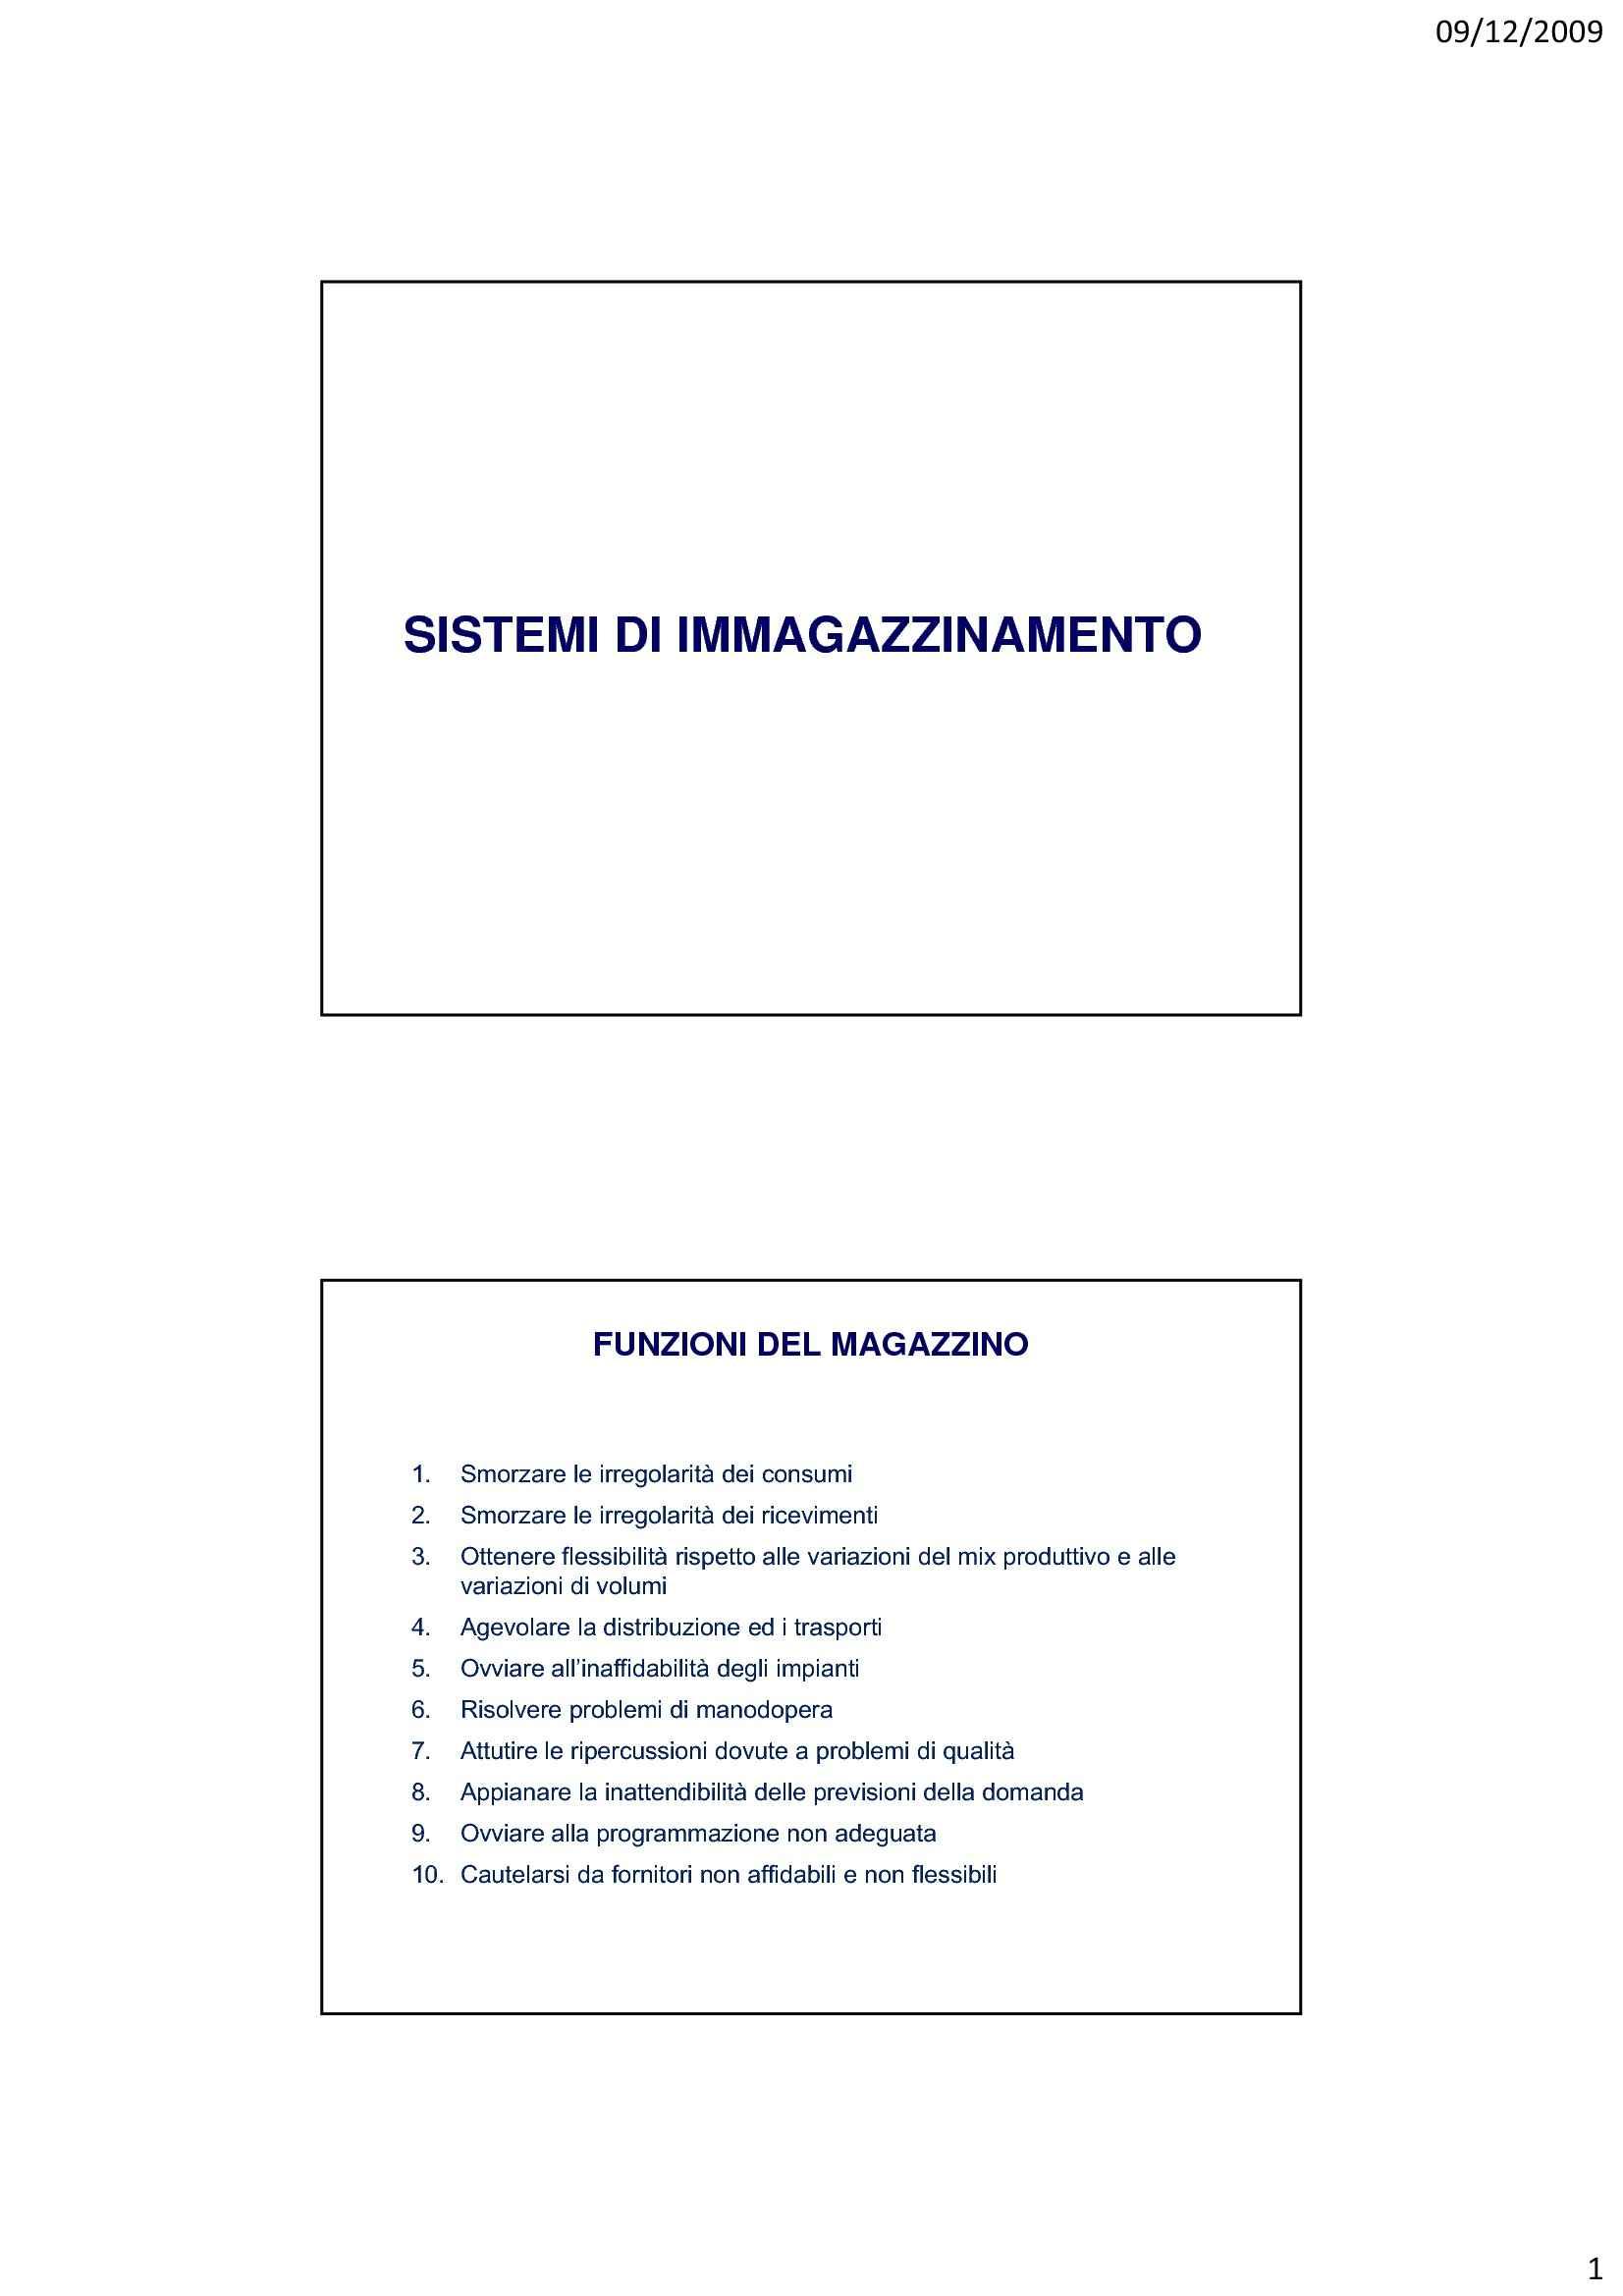 Magazzino - Sistemi di imagazzinamento e criteri di progettazione